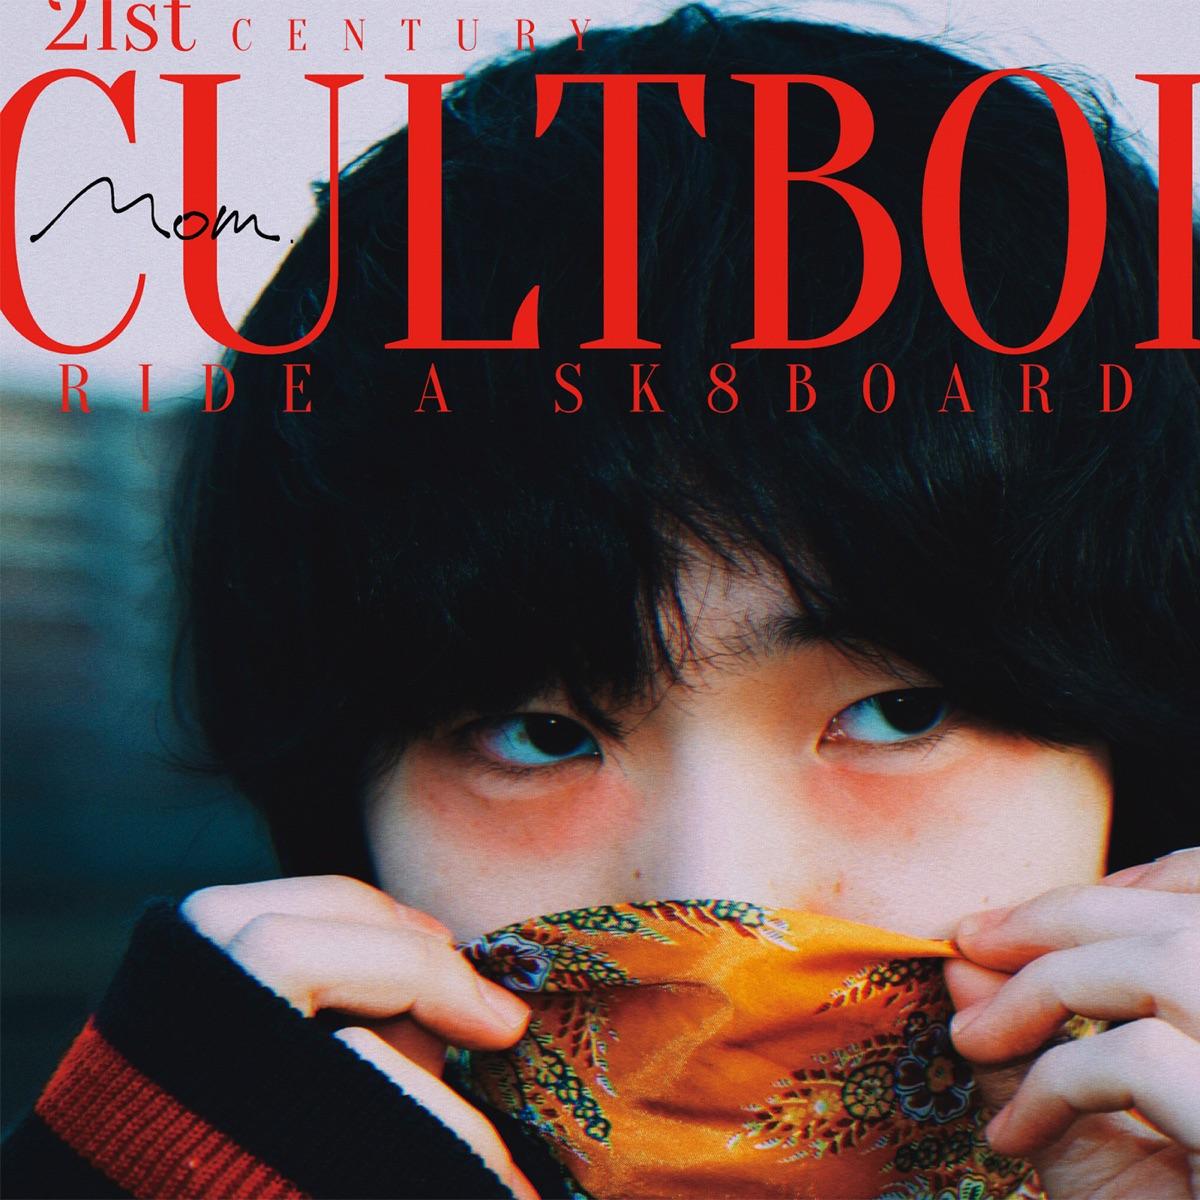 『Mom - あかるいみらい』収録の『21st Century Cultboi Ride a Sk8board』ジャケット